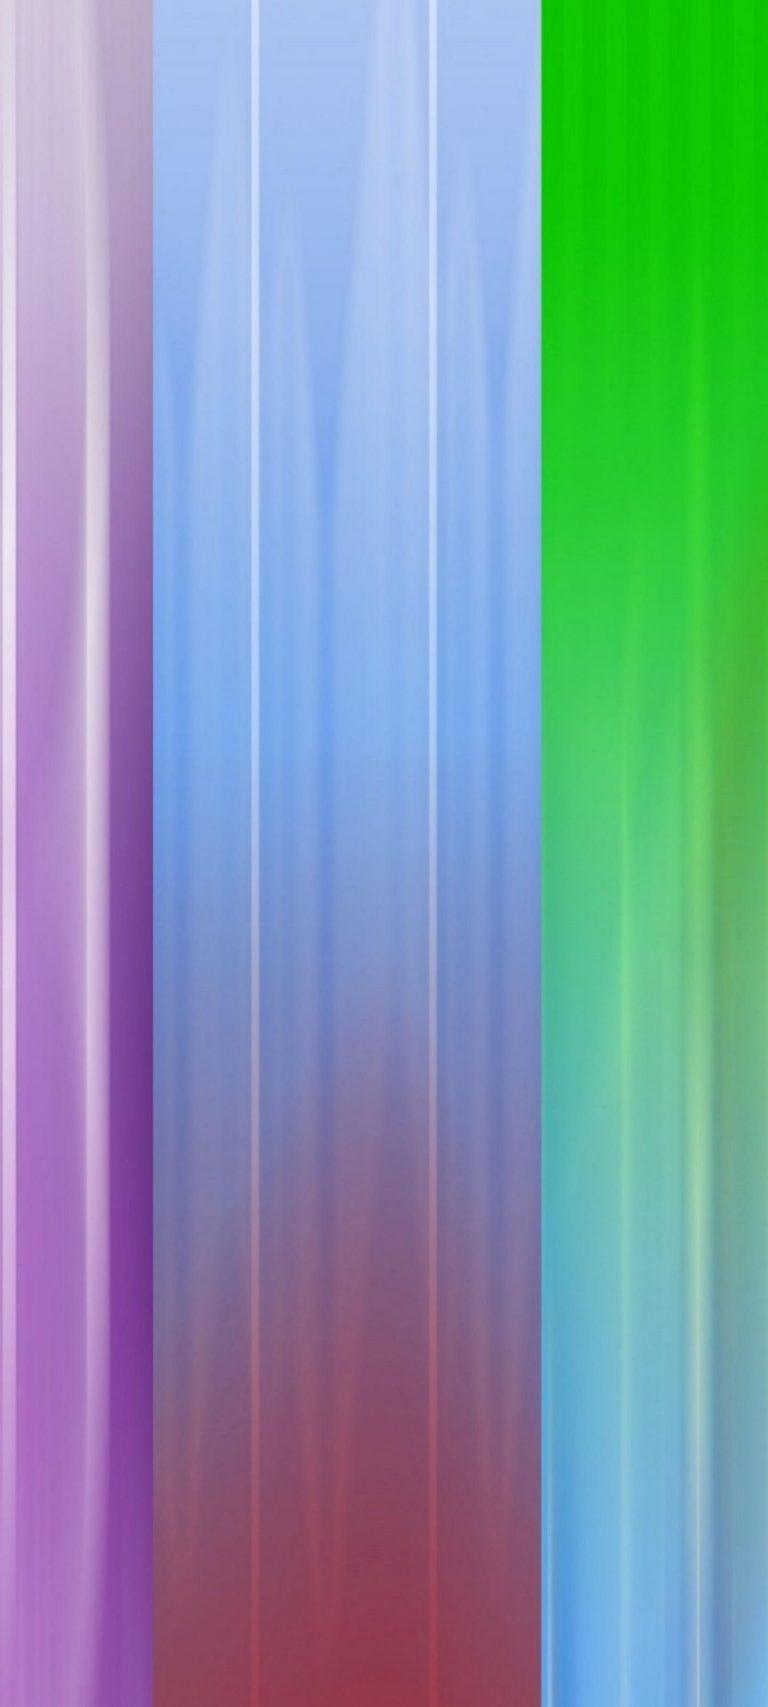 1440x3200 HD Wallpaper 192 768x1707 - 1440x3200 HD Wallpaper - 192